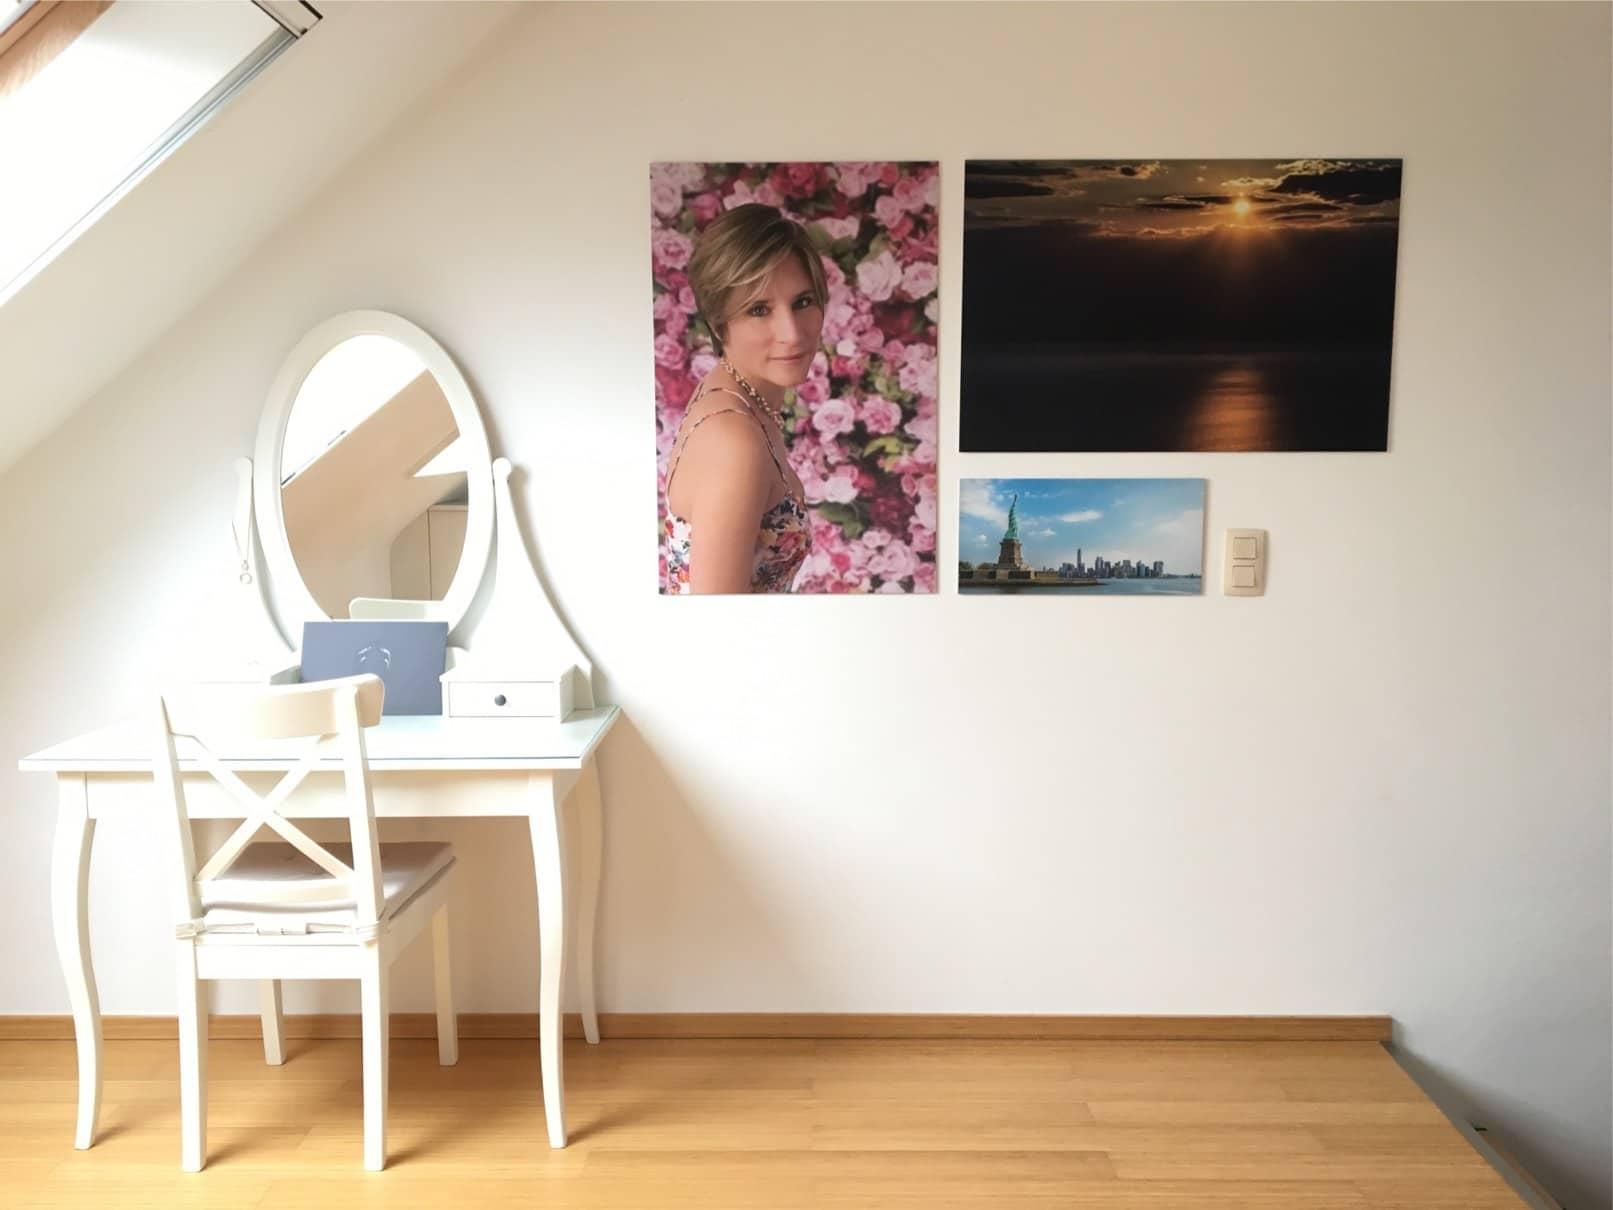 Photographe Halle Décorer avec des photos